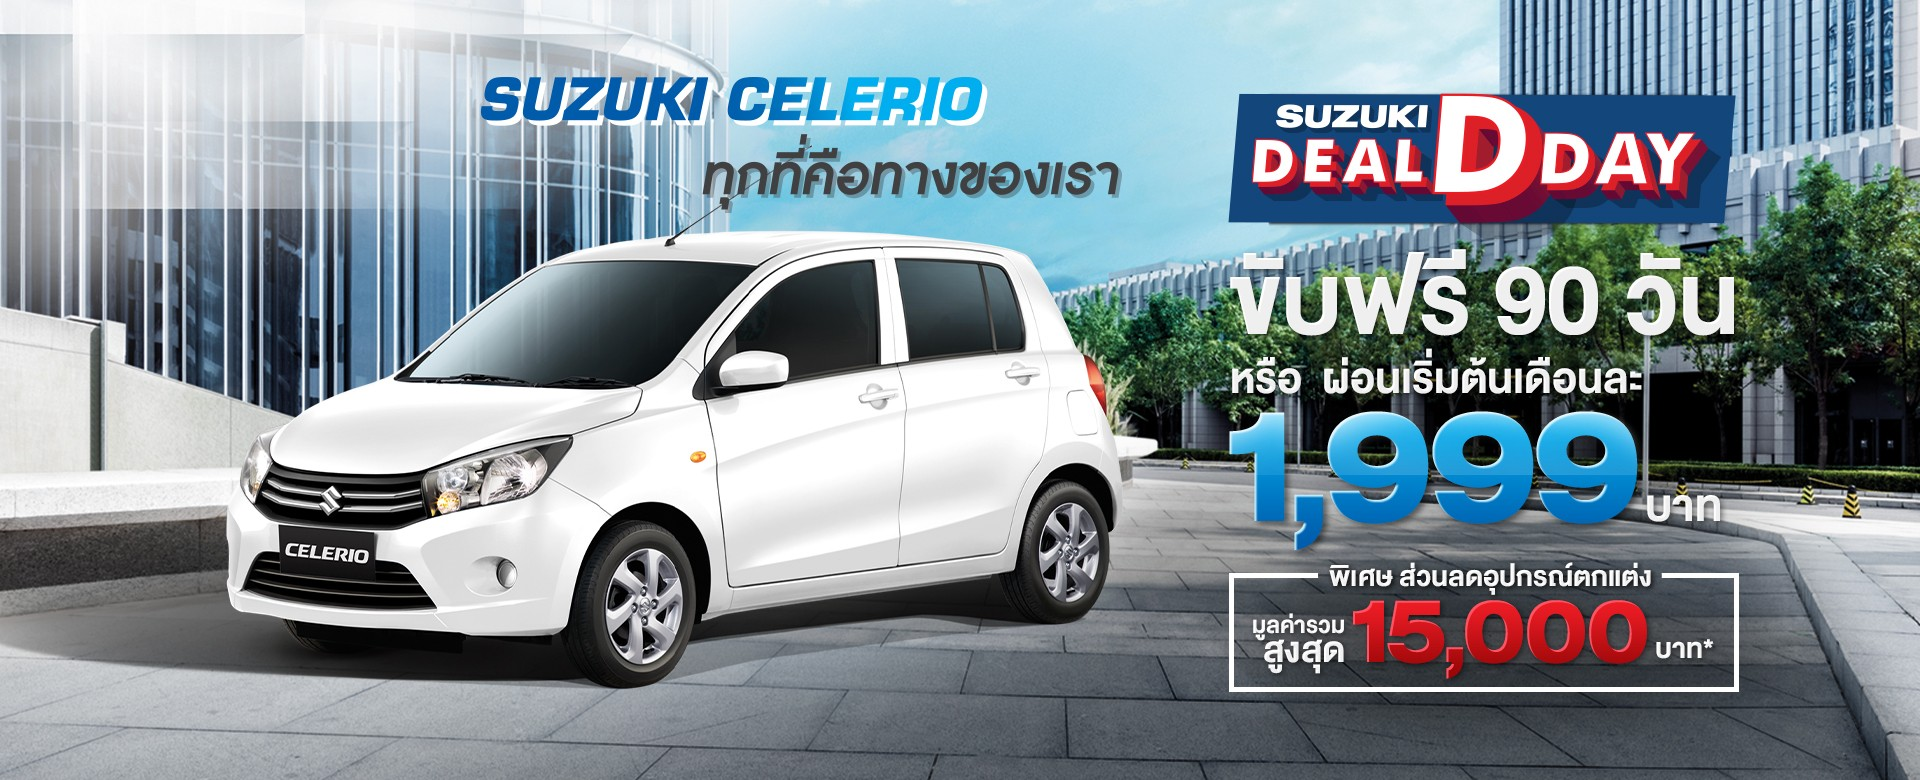 Suzuki CELERIO โปรโมชั่น